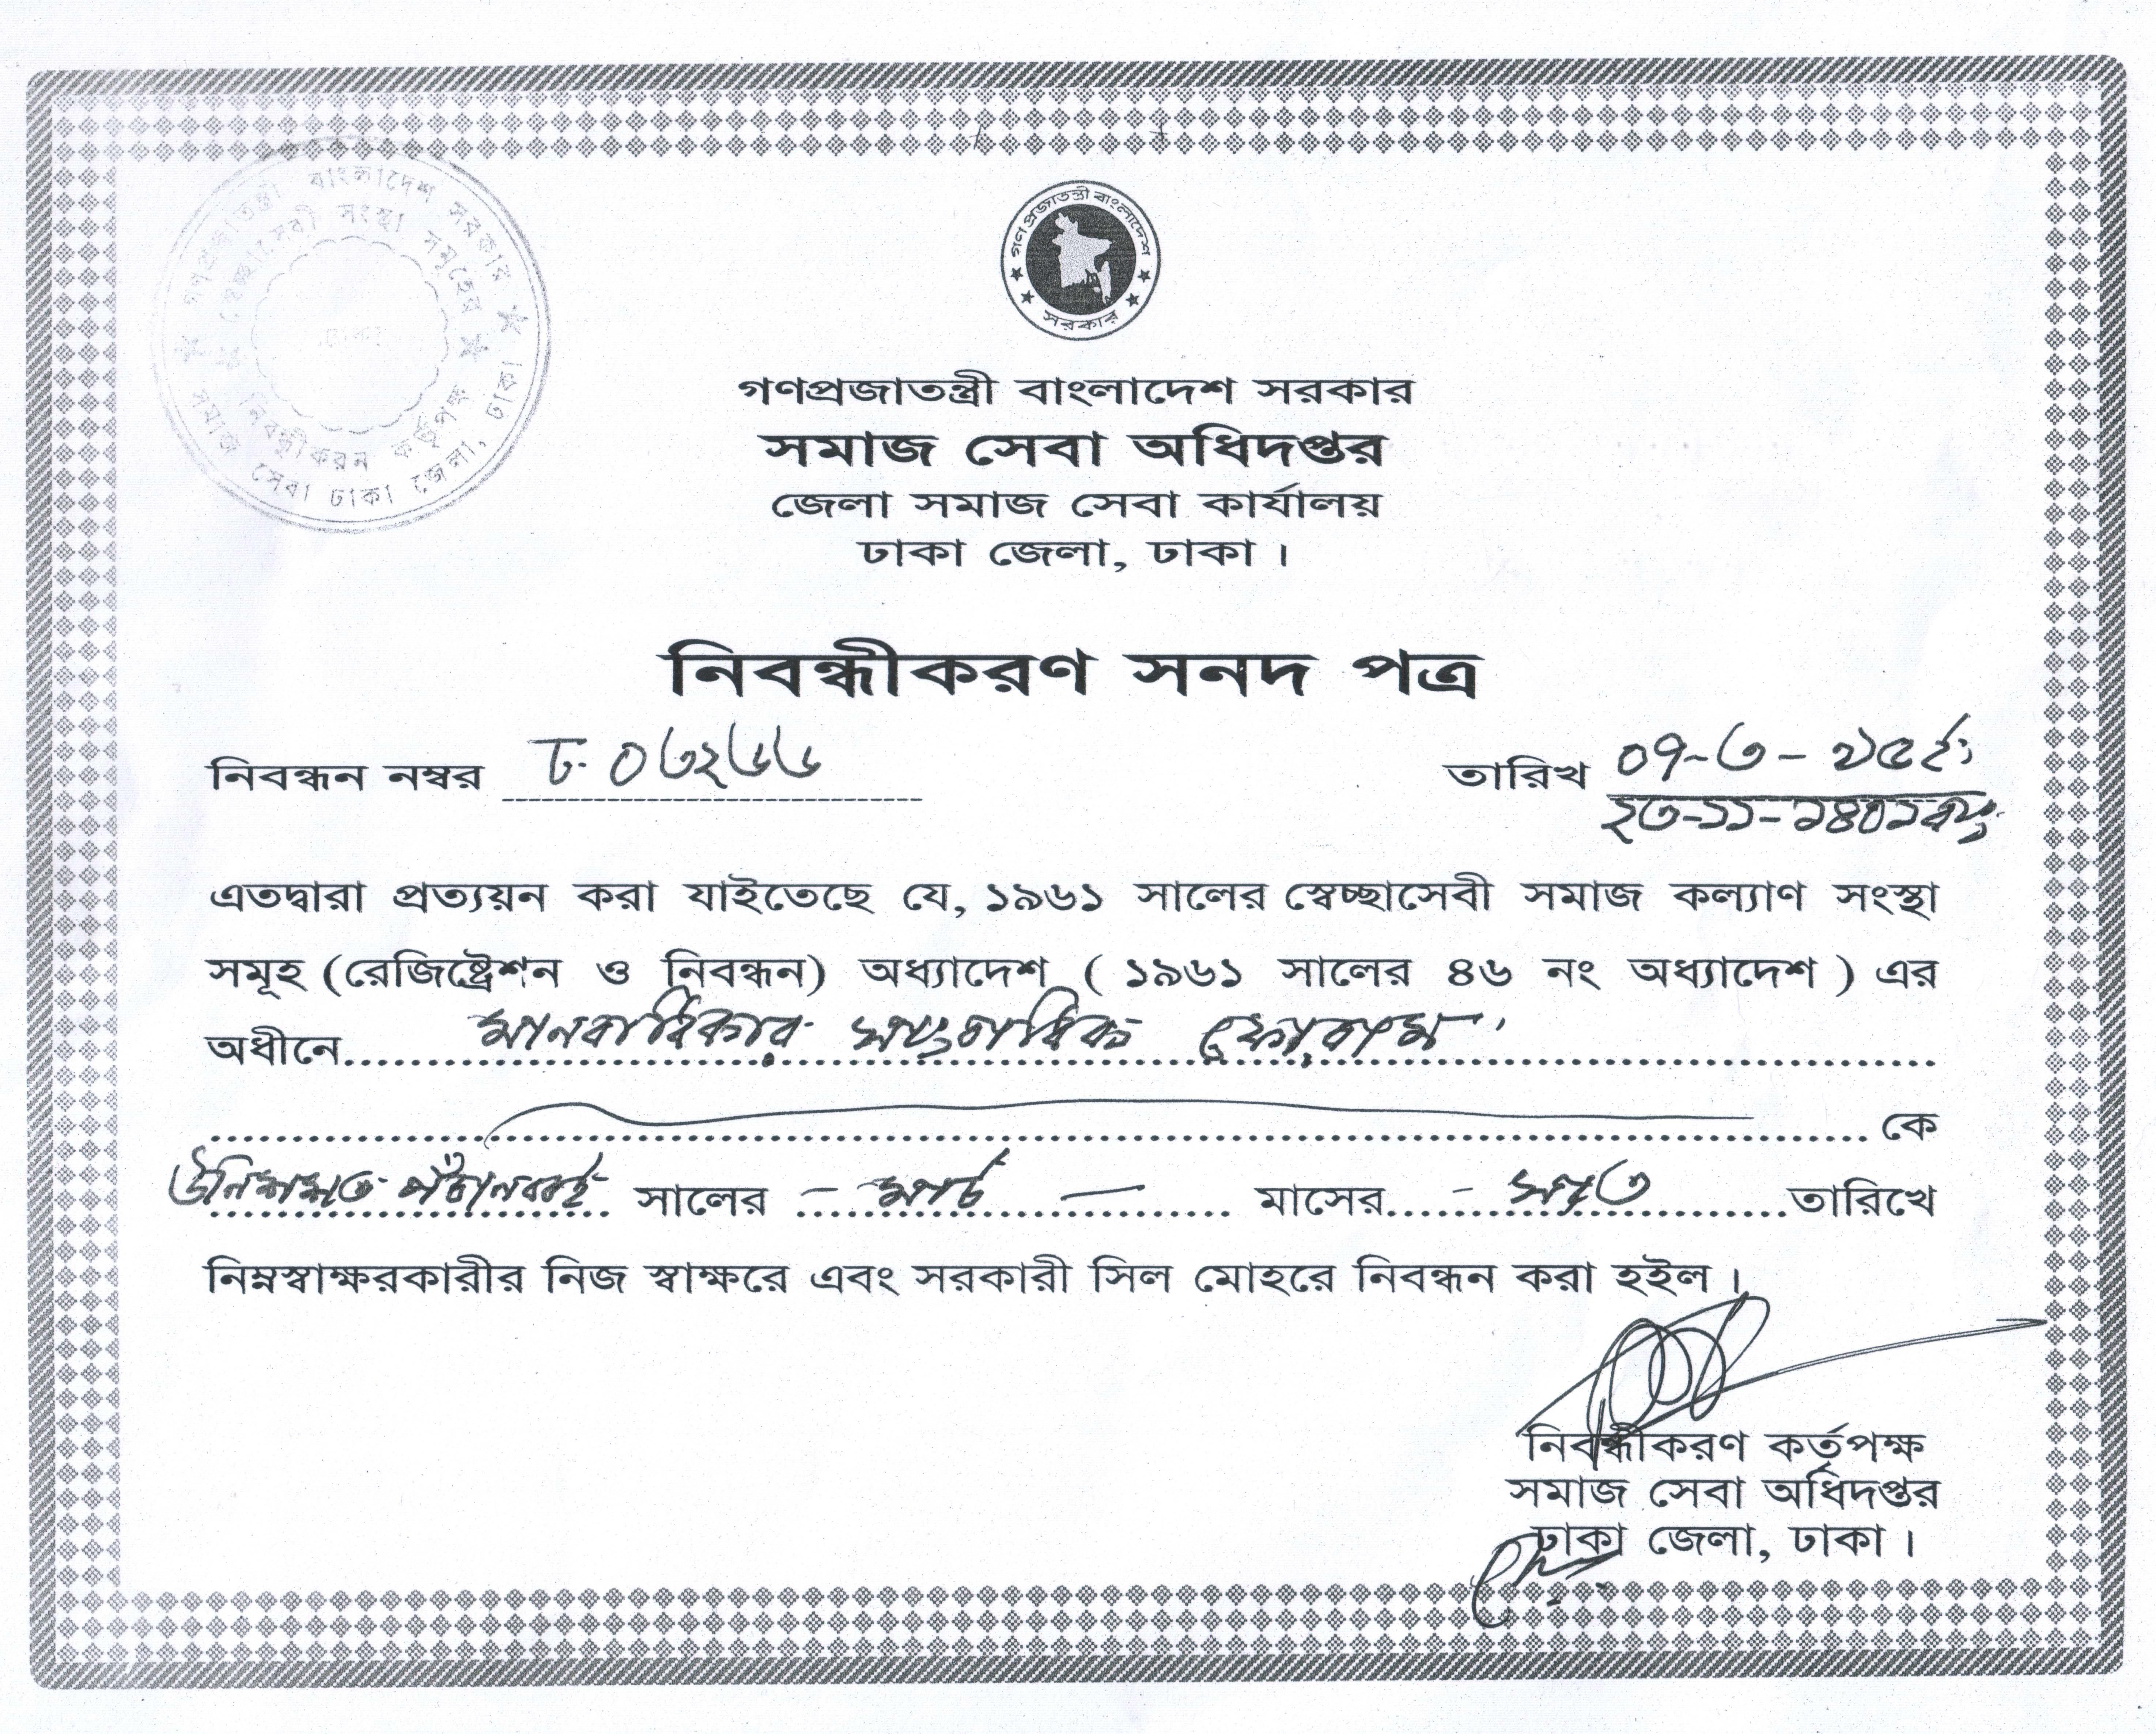 bmsf-dsw-certificate